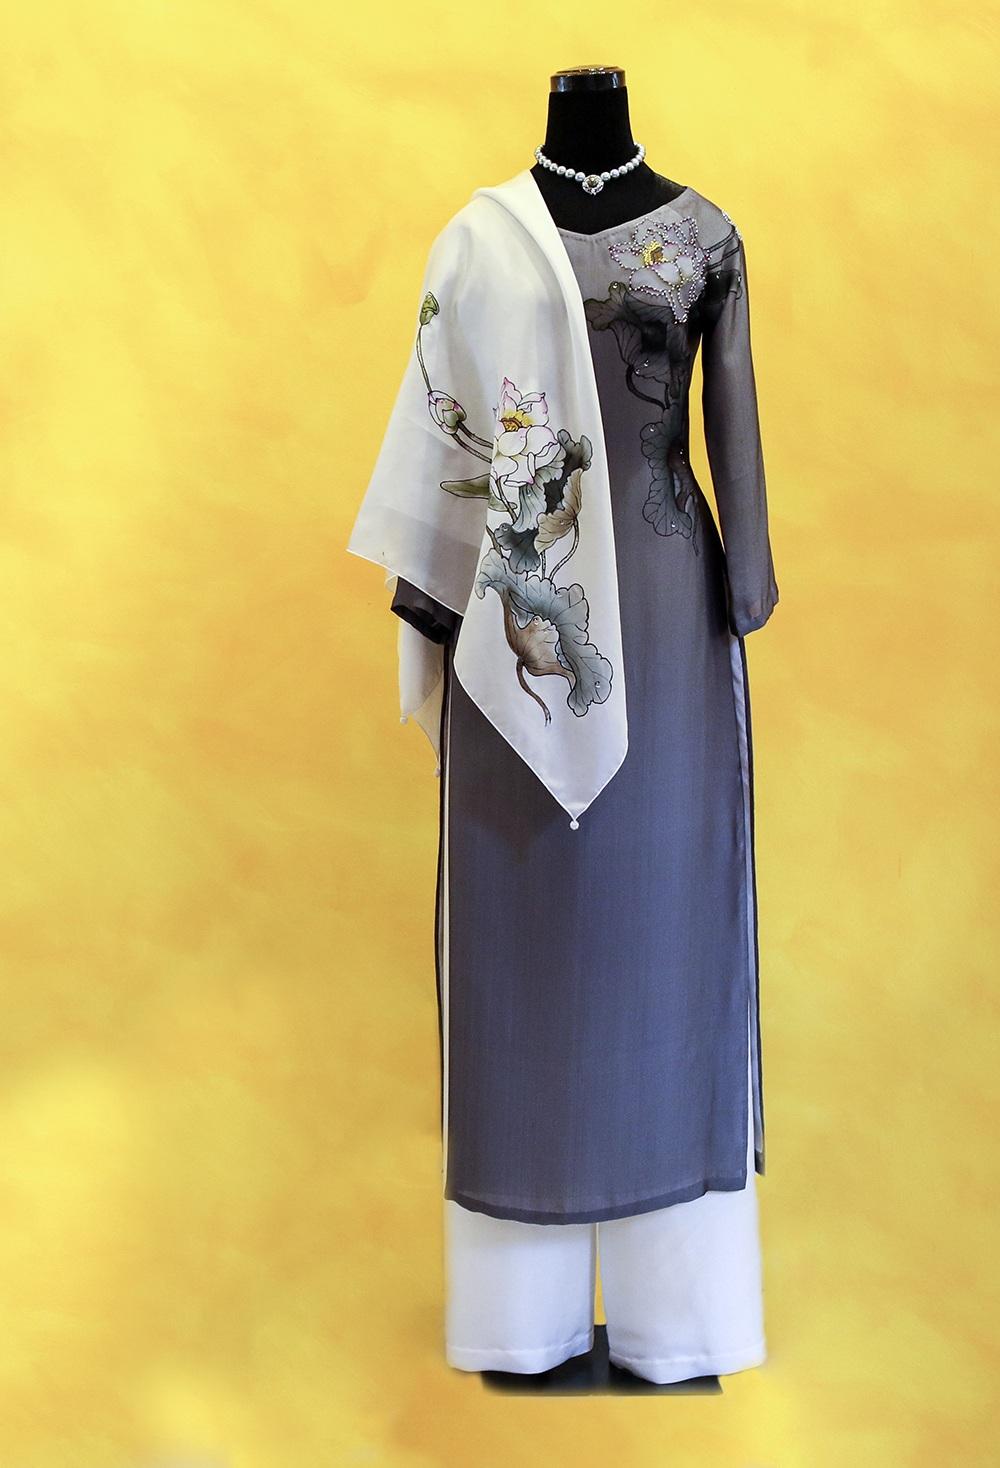 NTK Sỹ Hoàng thiết kế áo dài đặc biệt tặng phu nhân Tổng thống Obama - 2